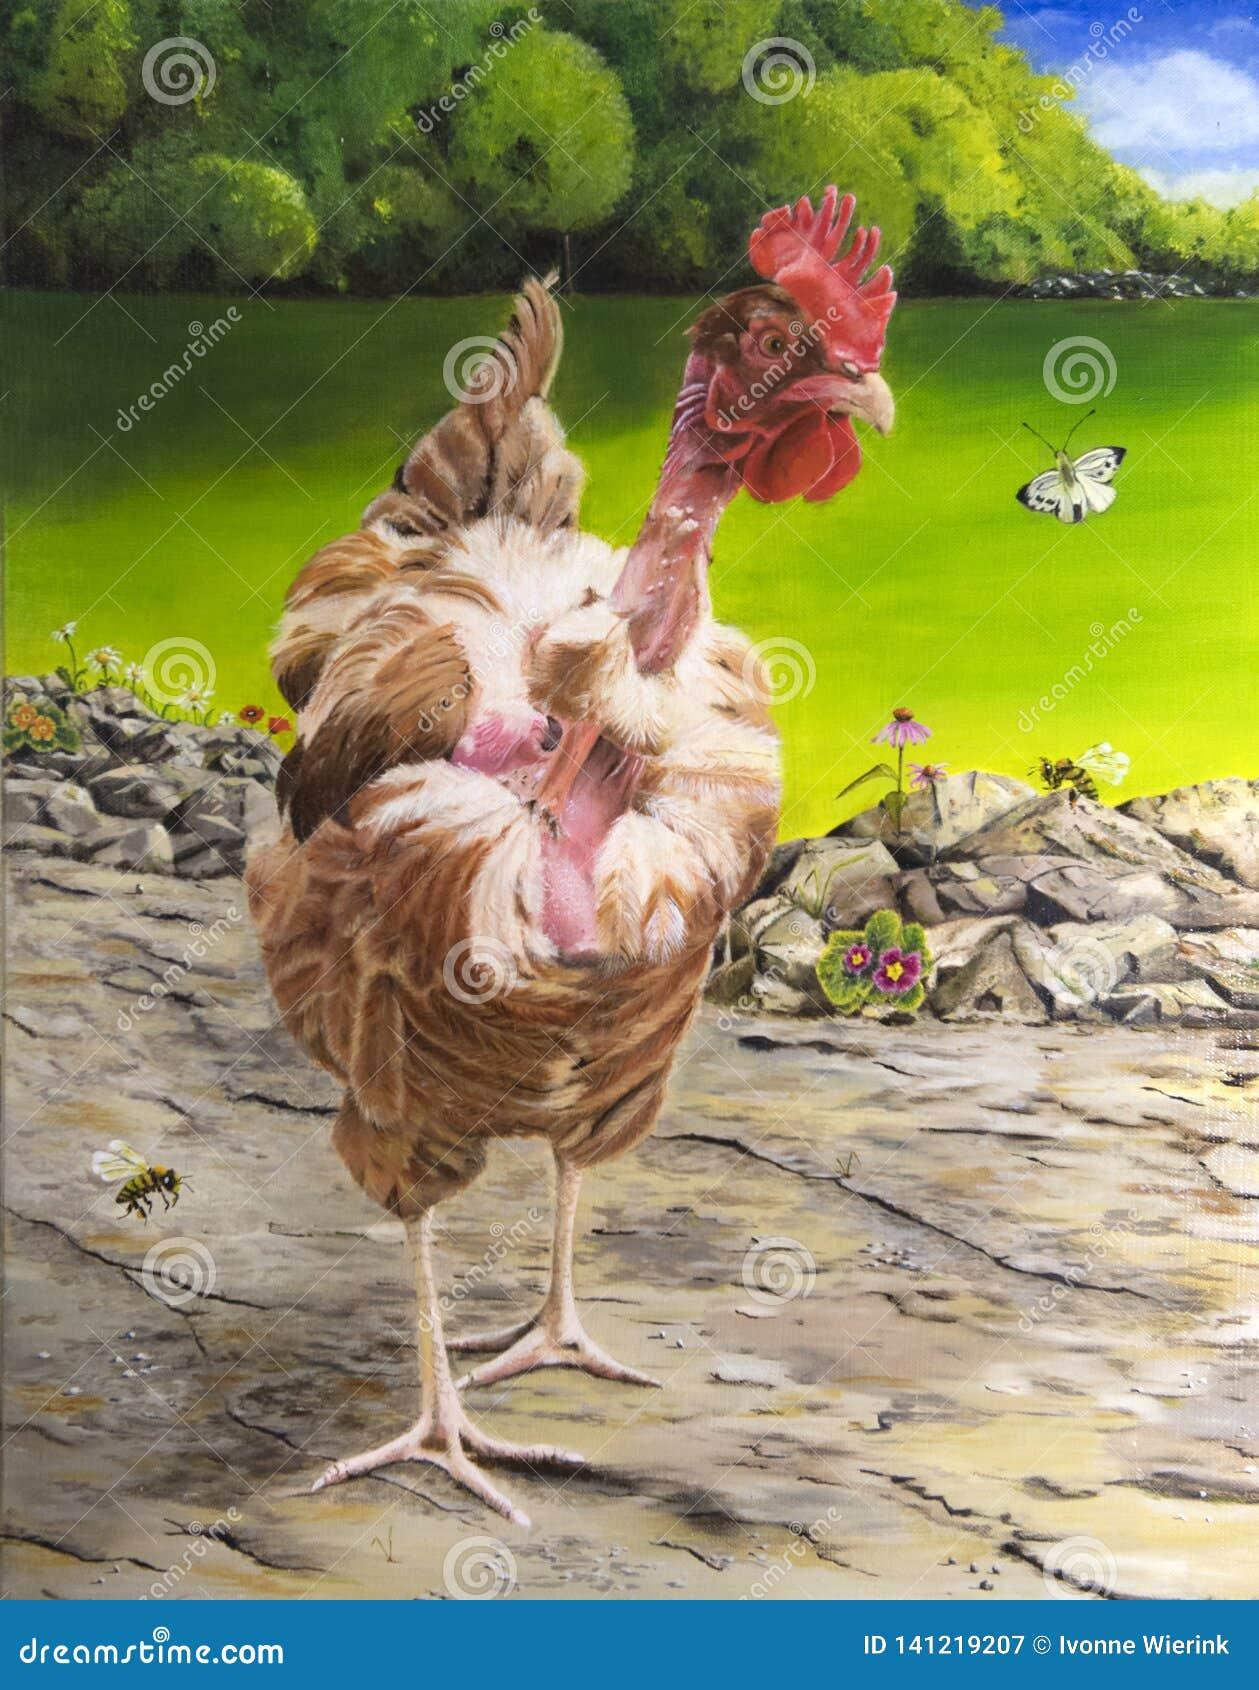 Malendes Huhn im Freien mit balkd Hals